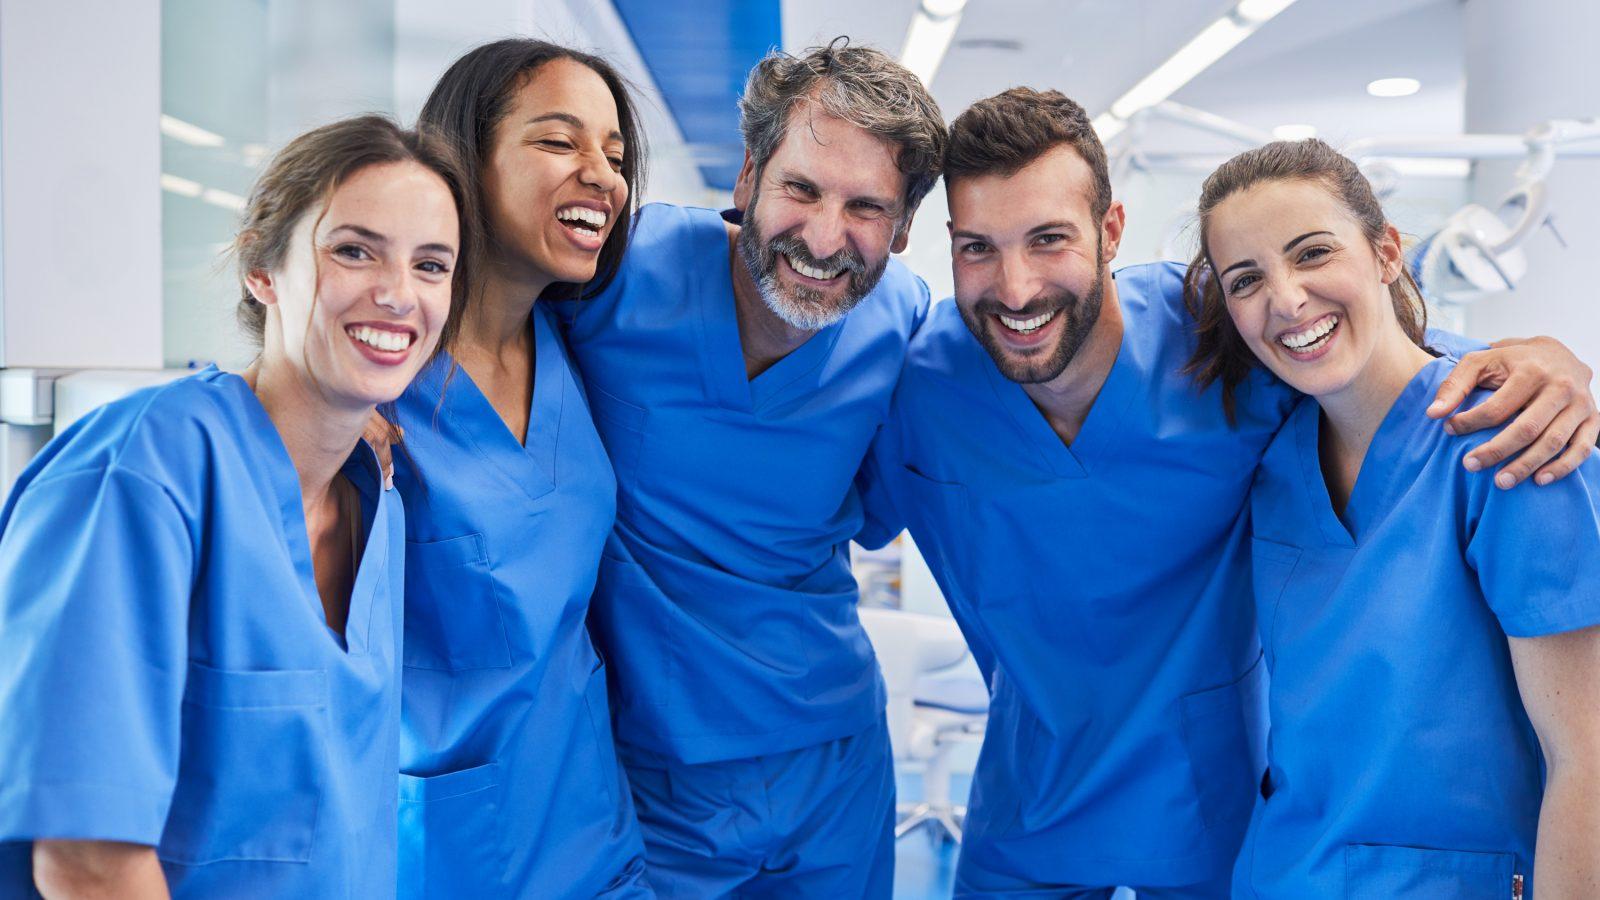 glada läkare bredvid varandra